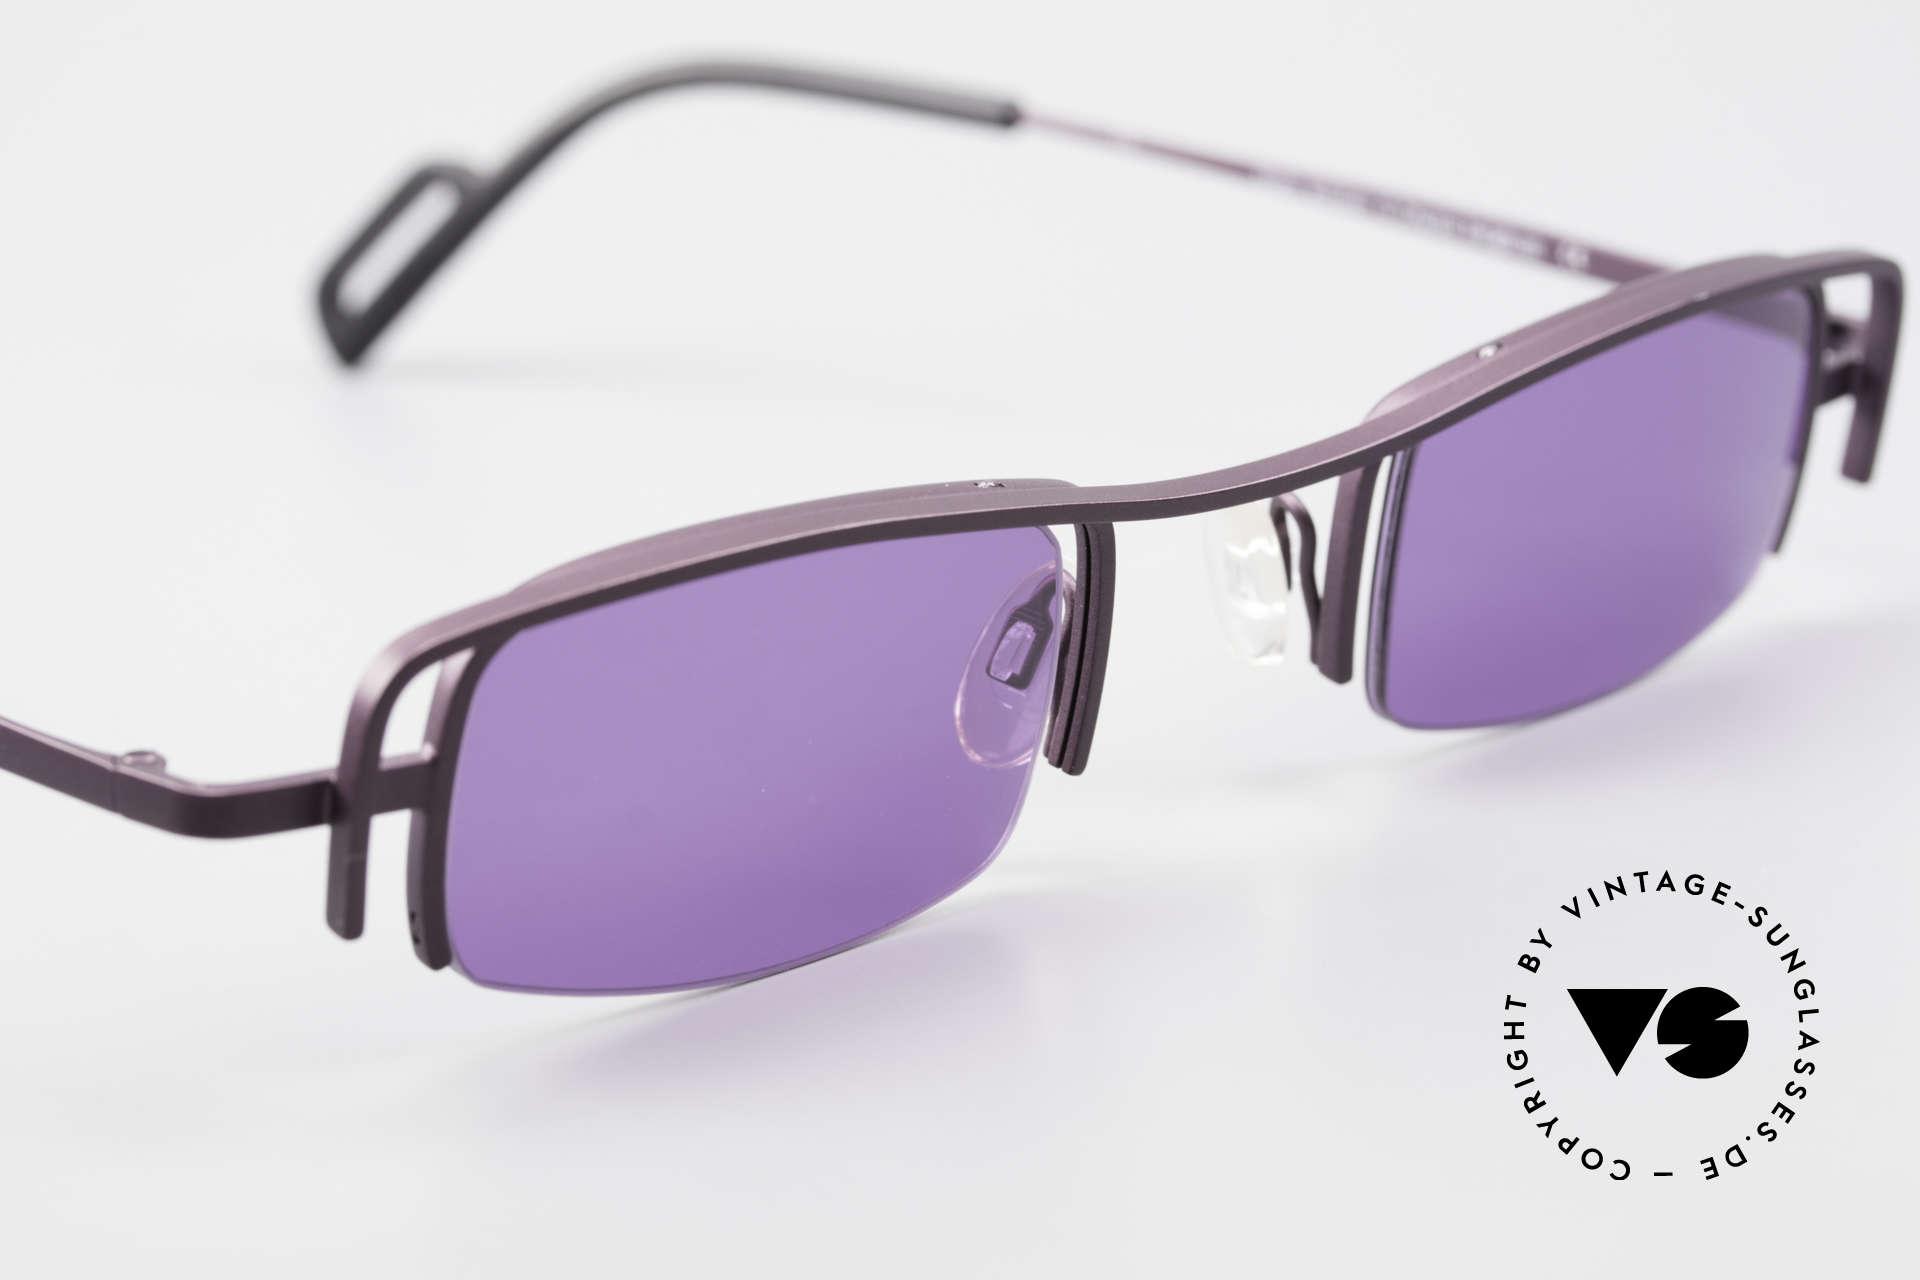 Theo Belgium Winter Damen Sonnenbrille Eckig 90er, ungetragenes Theo-Einzelstück für die, die sich trauen!, Passend für Damen